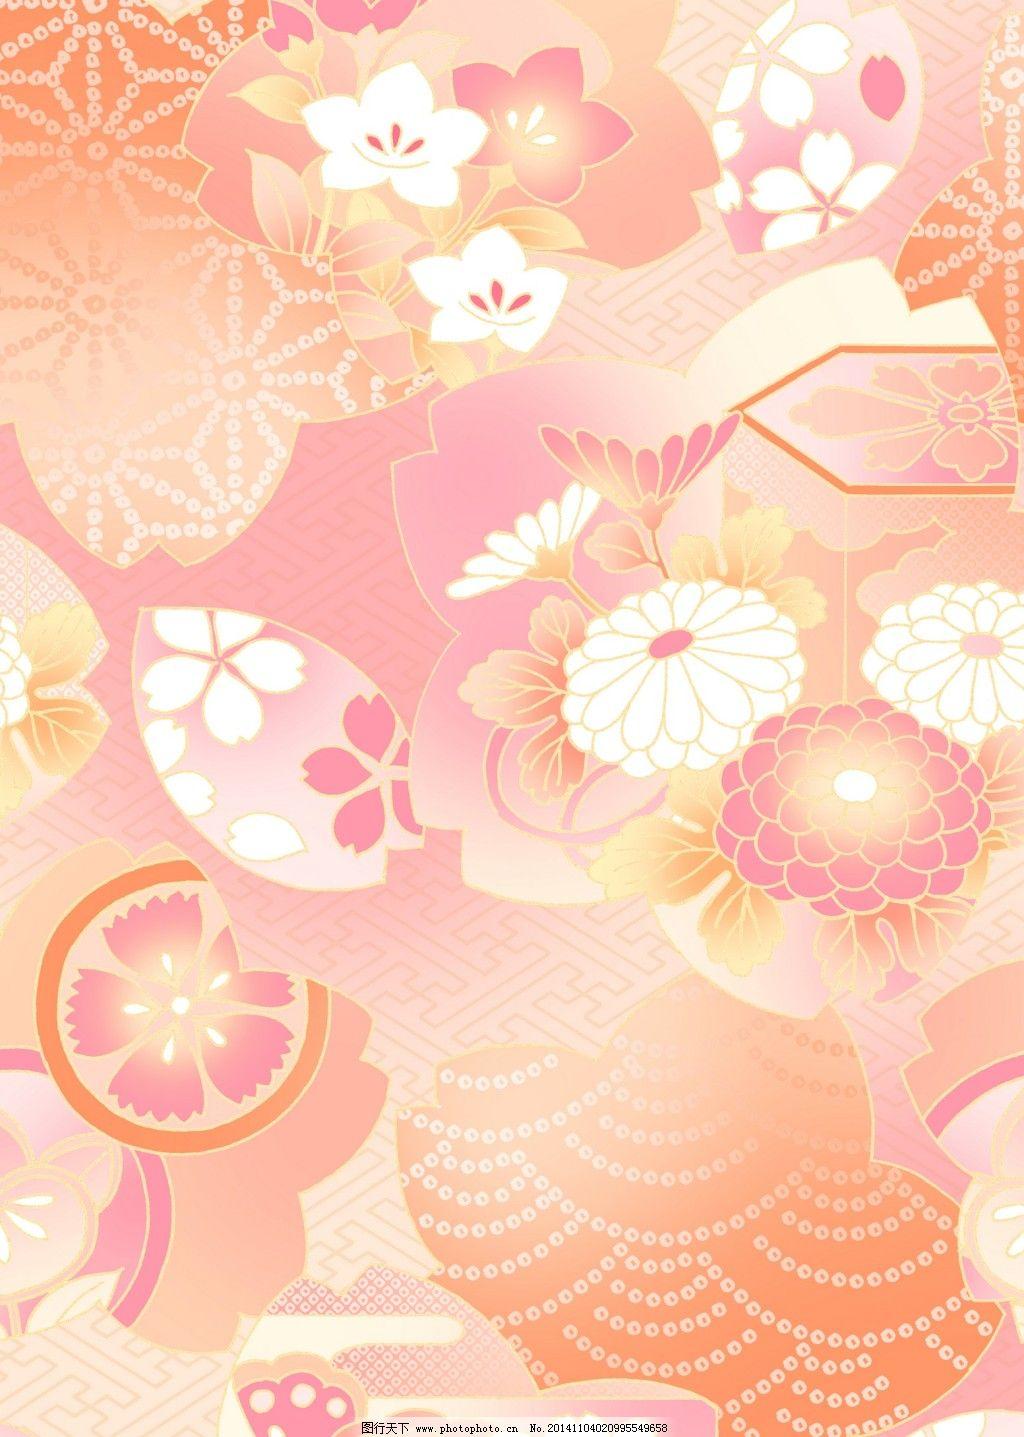 花朵背景日式_背景图片_底纹边框_图行天下图库